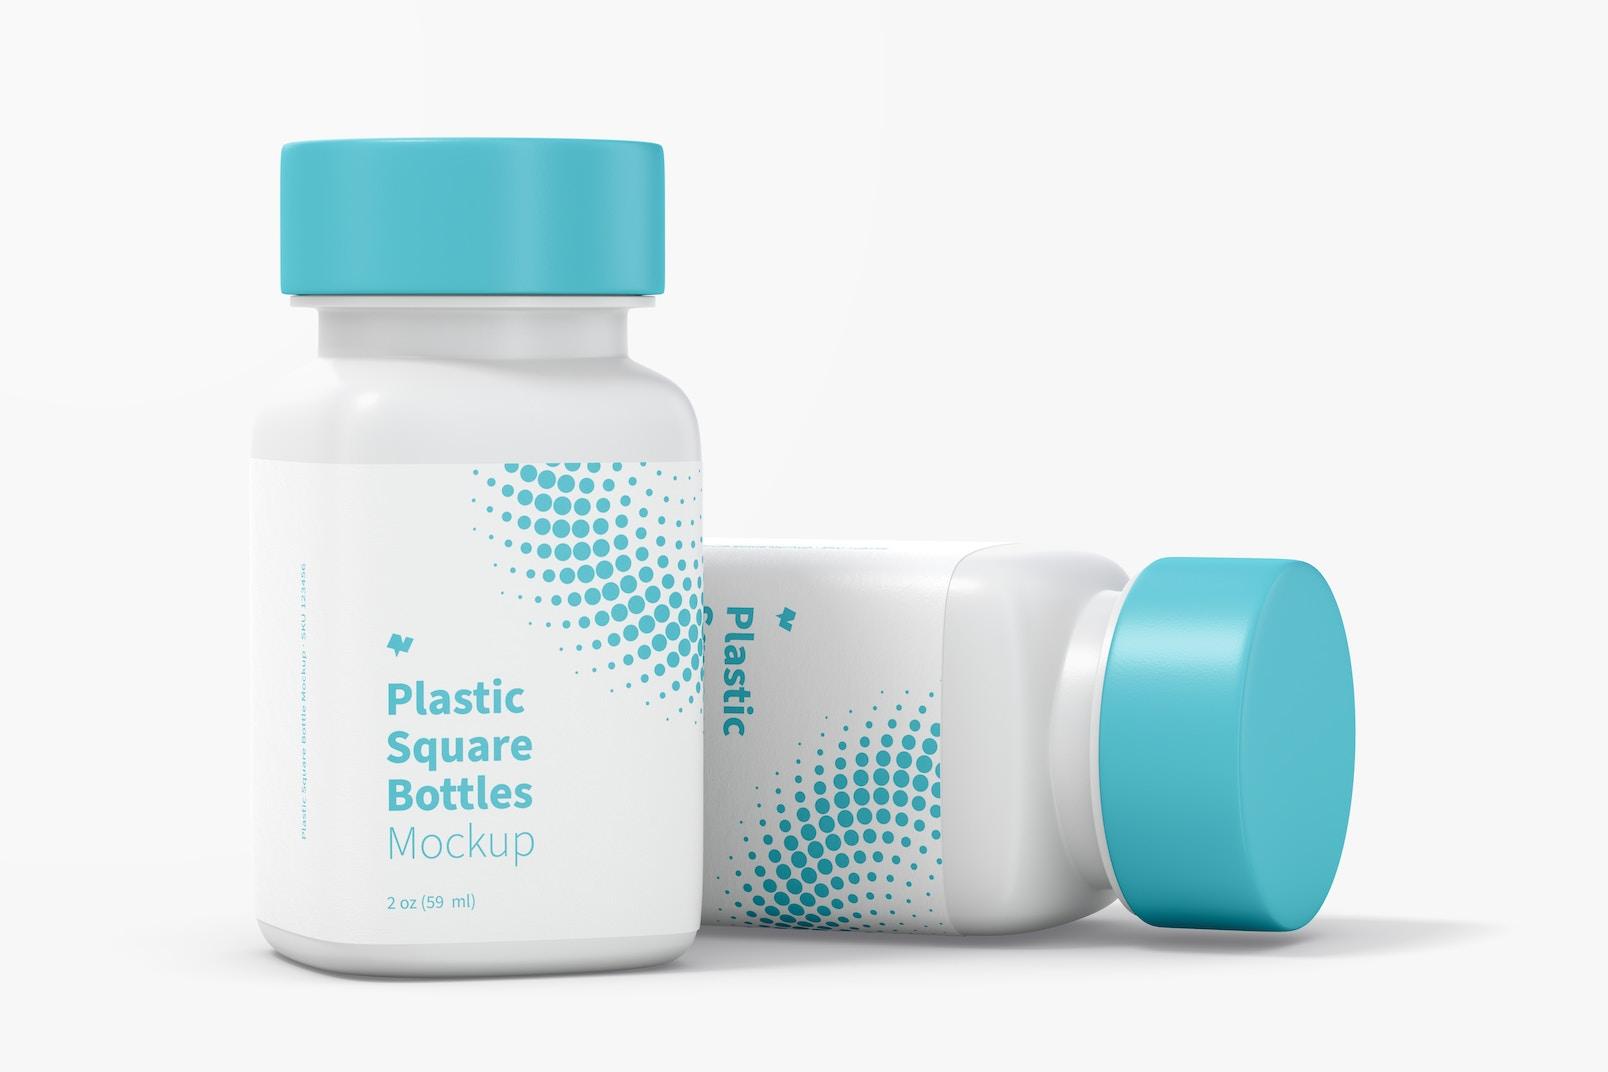 2 oz Plastic Square Bottles Mockup, Dropped